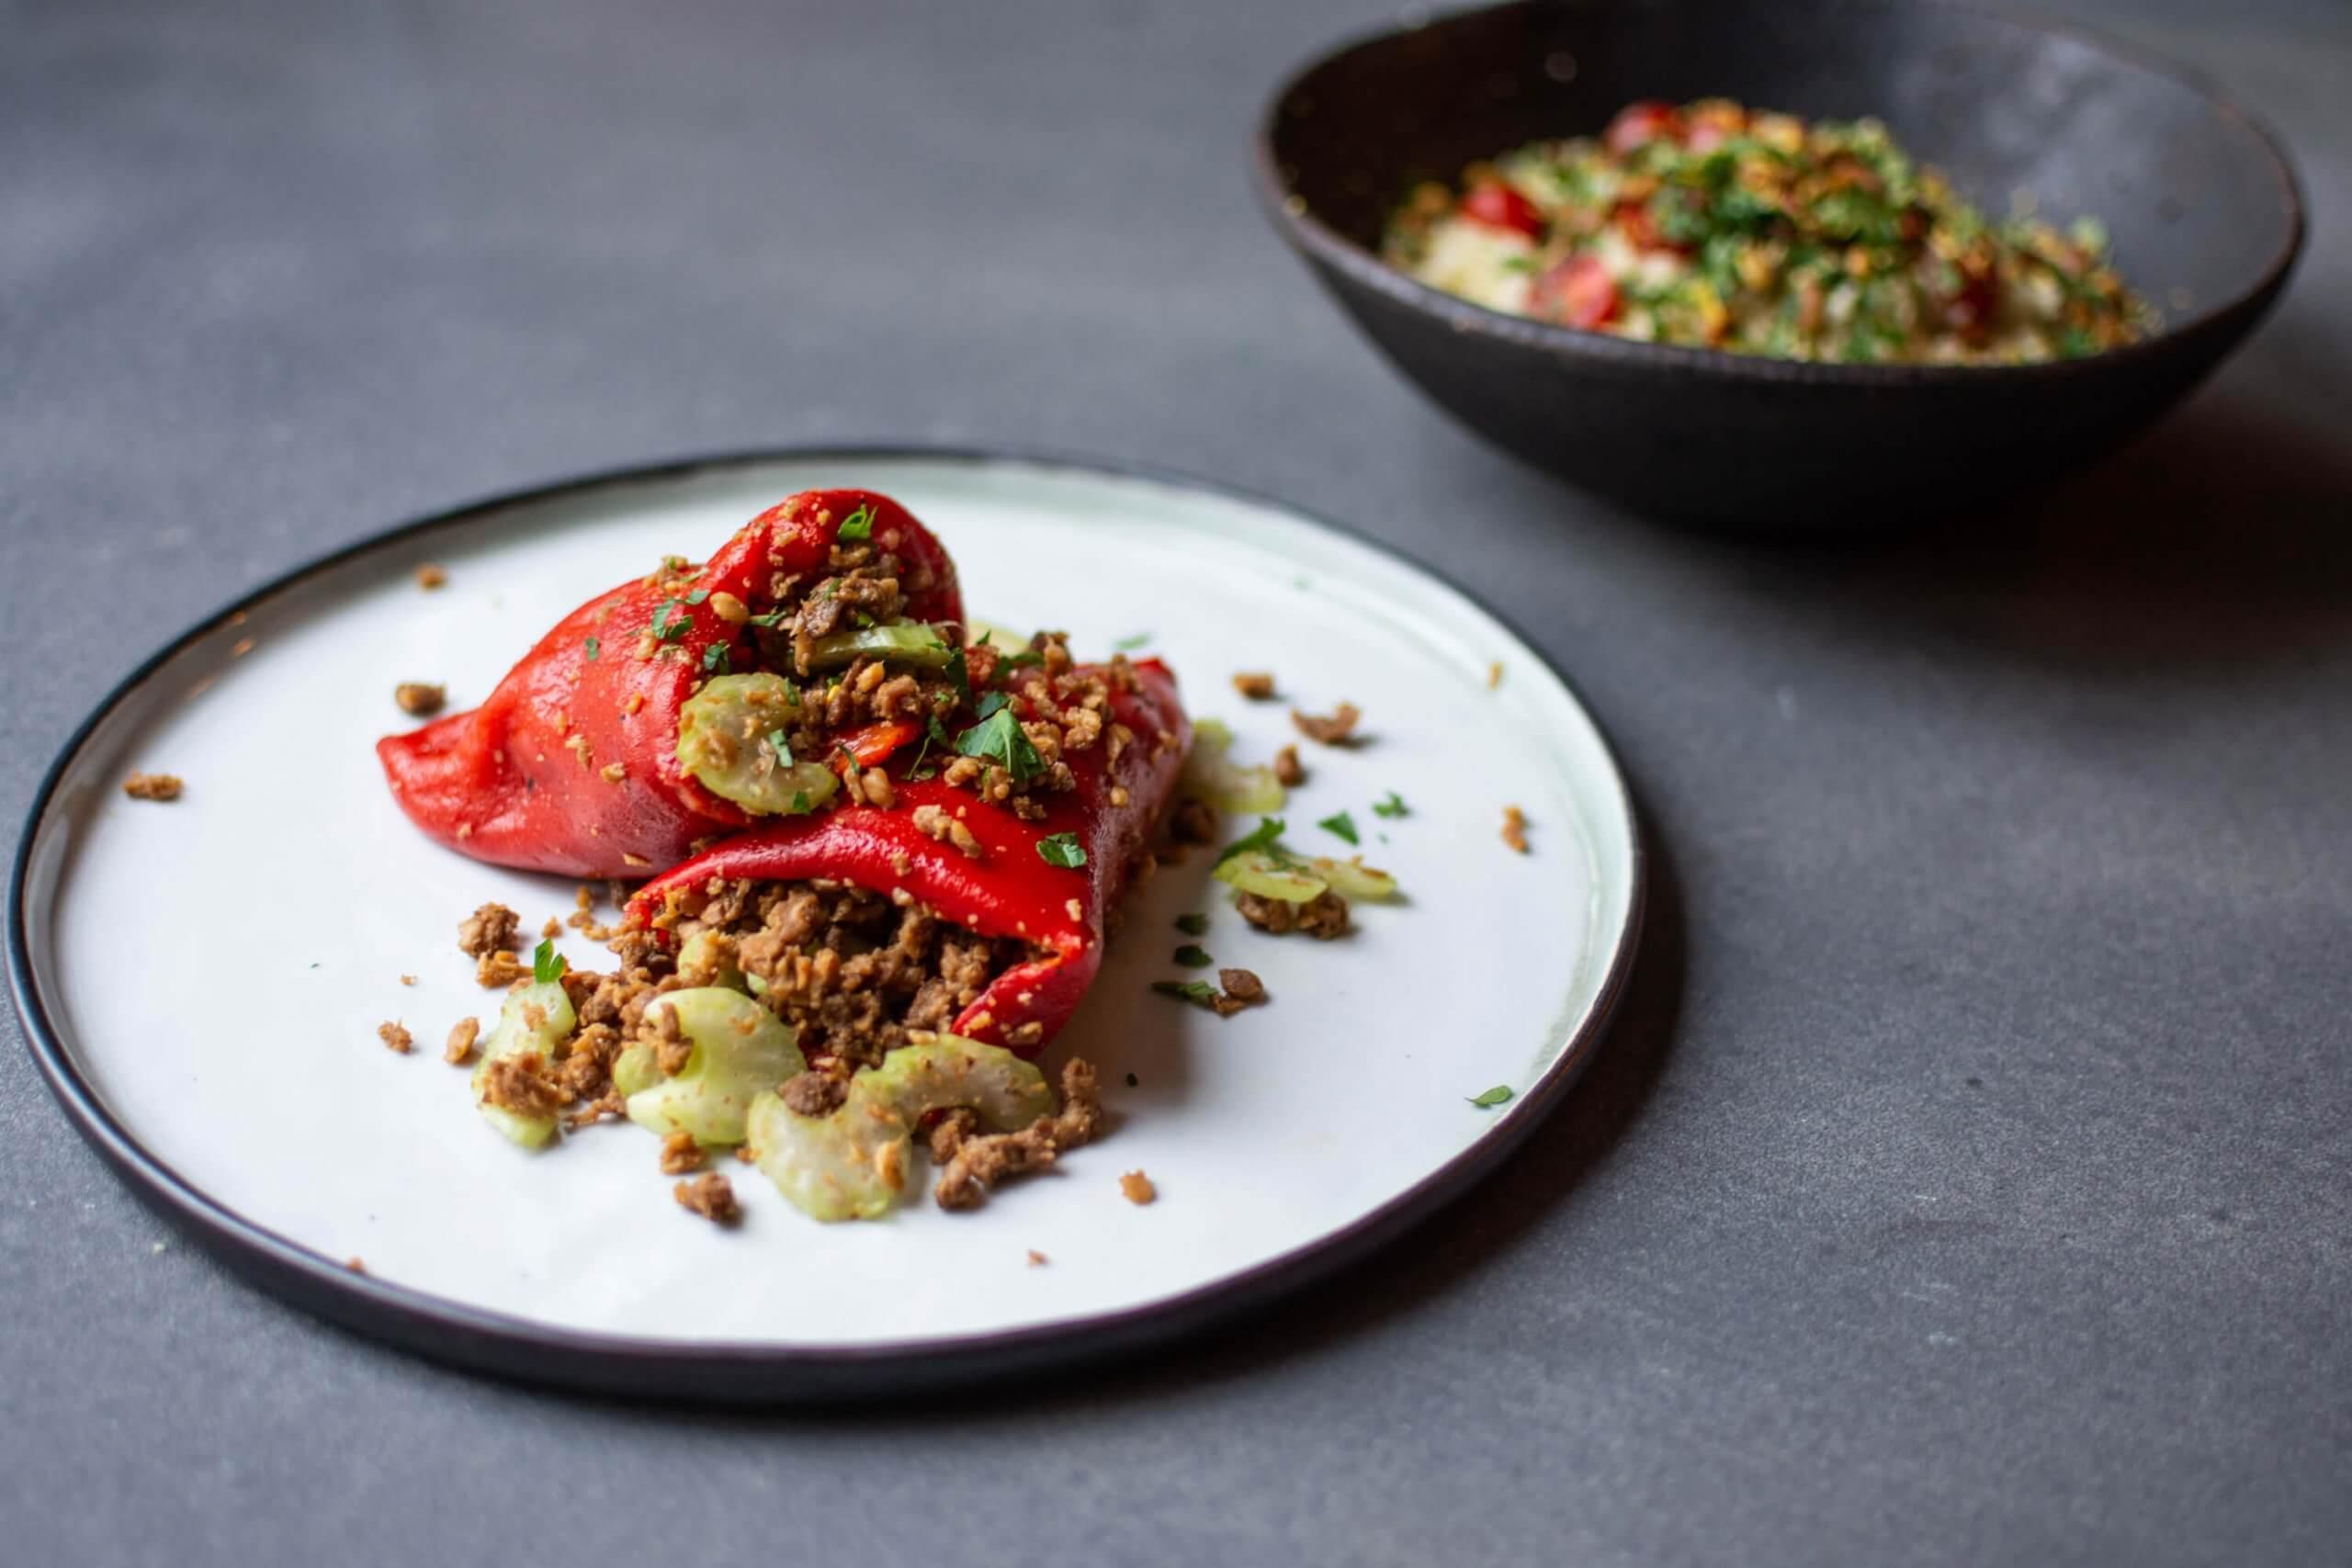 Gevulde puntpaprika's met vegetarisch gehakt en couscous